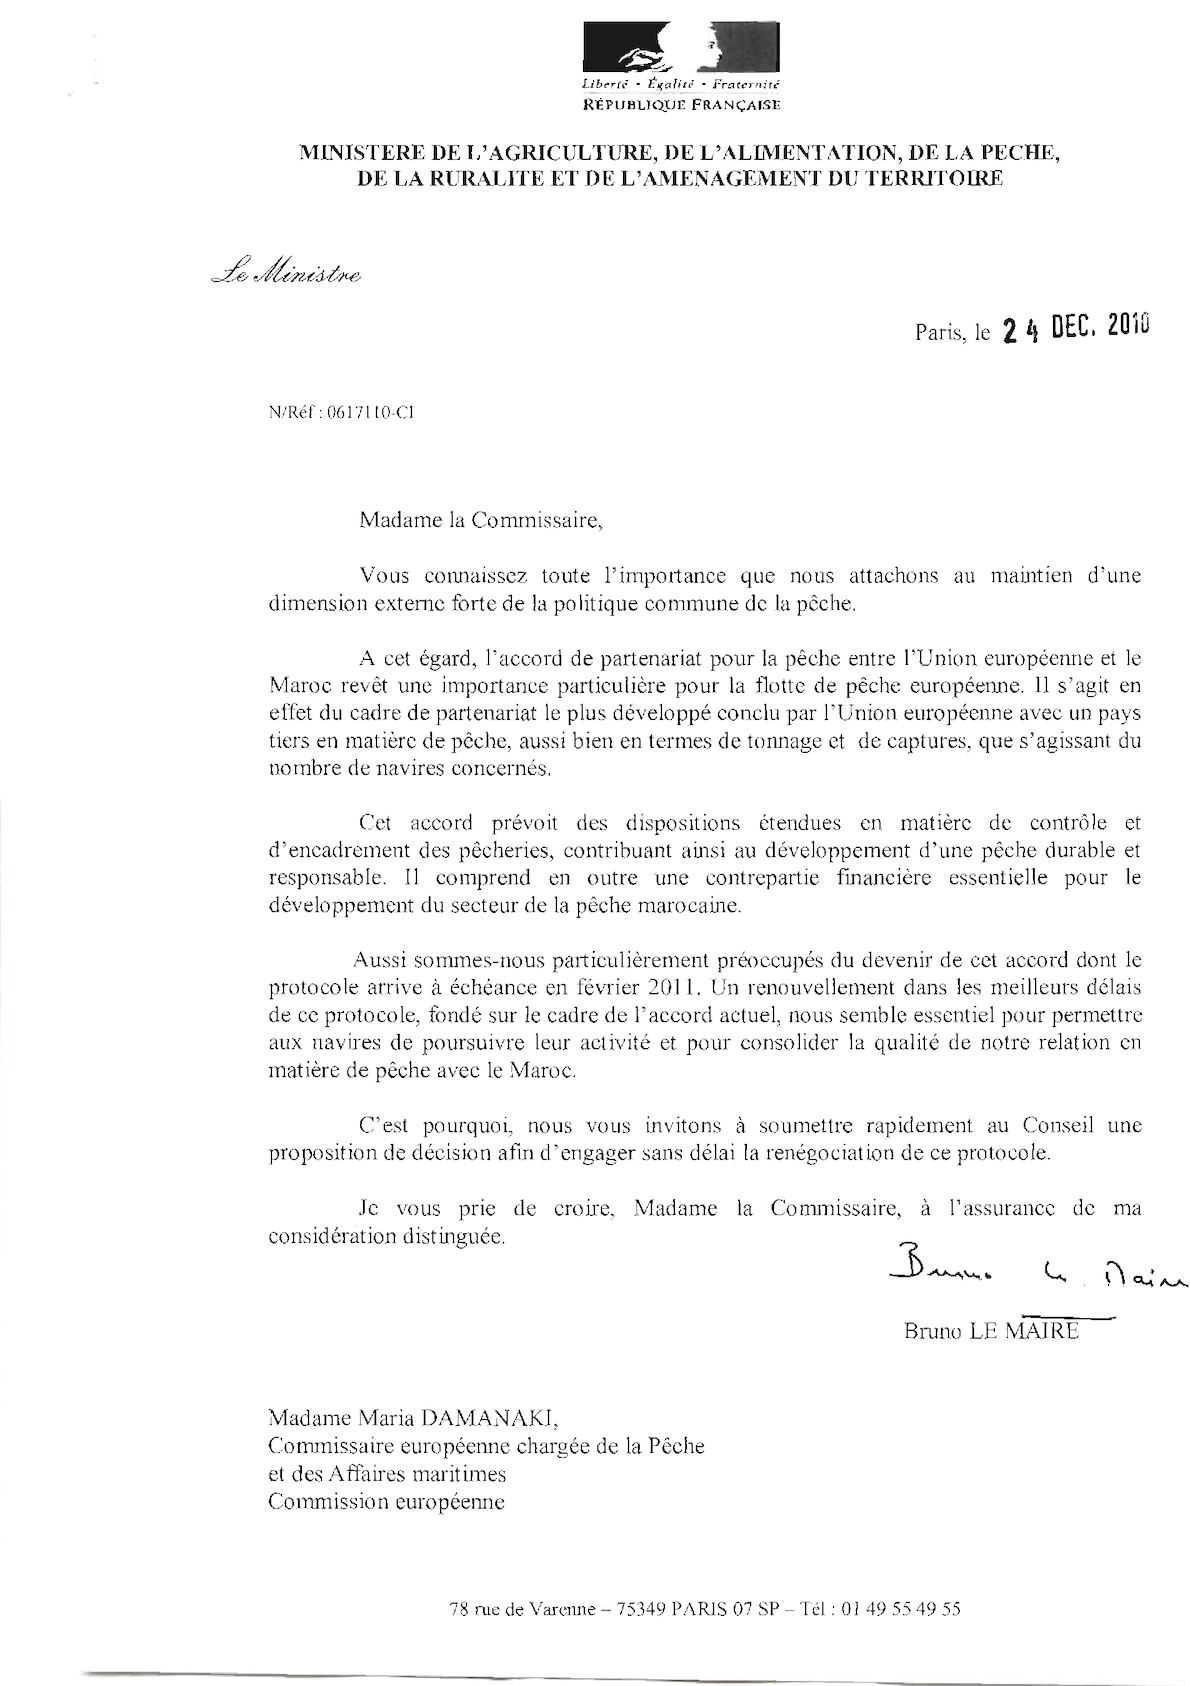 Lettre Ministre Commissaire App Maroc 24 12 10